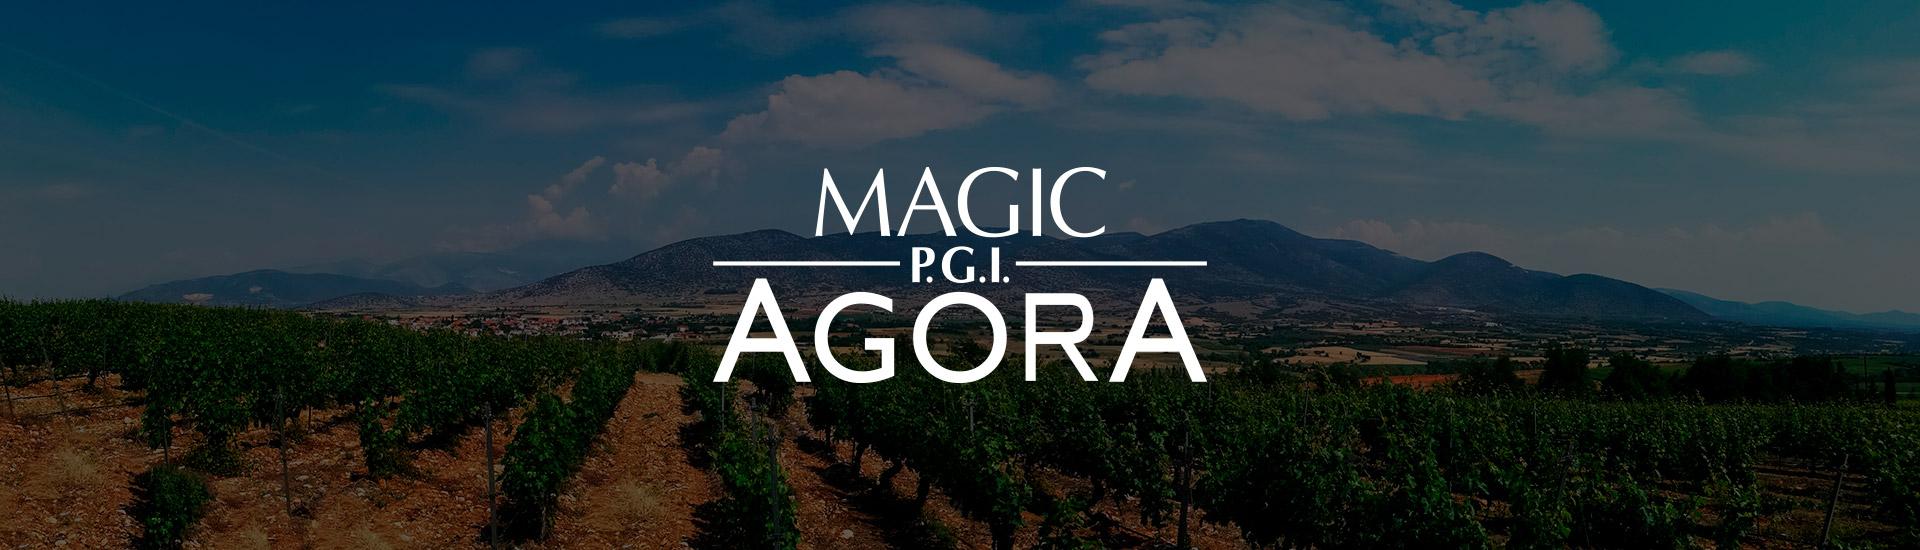 πγε Αγοράς - magic pgi agora